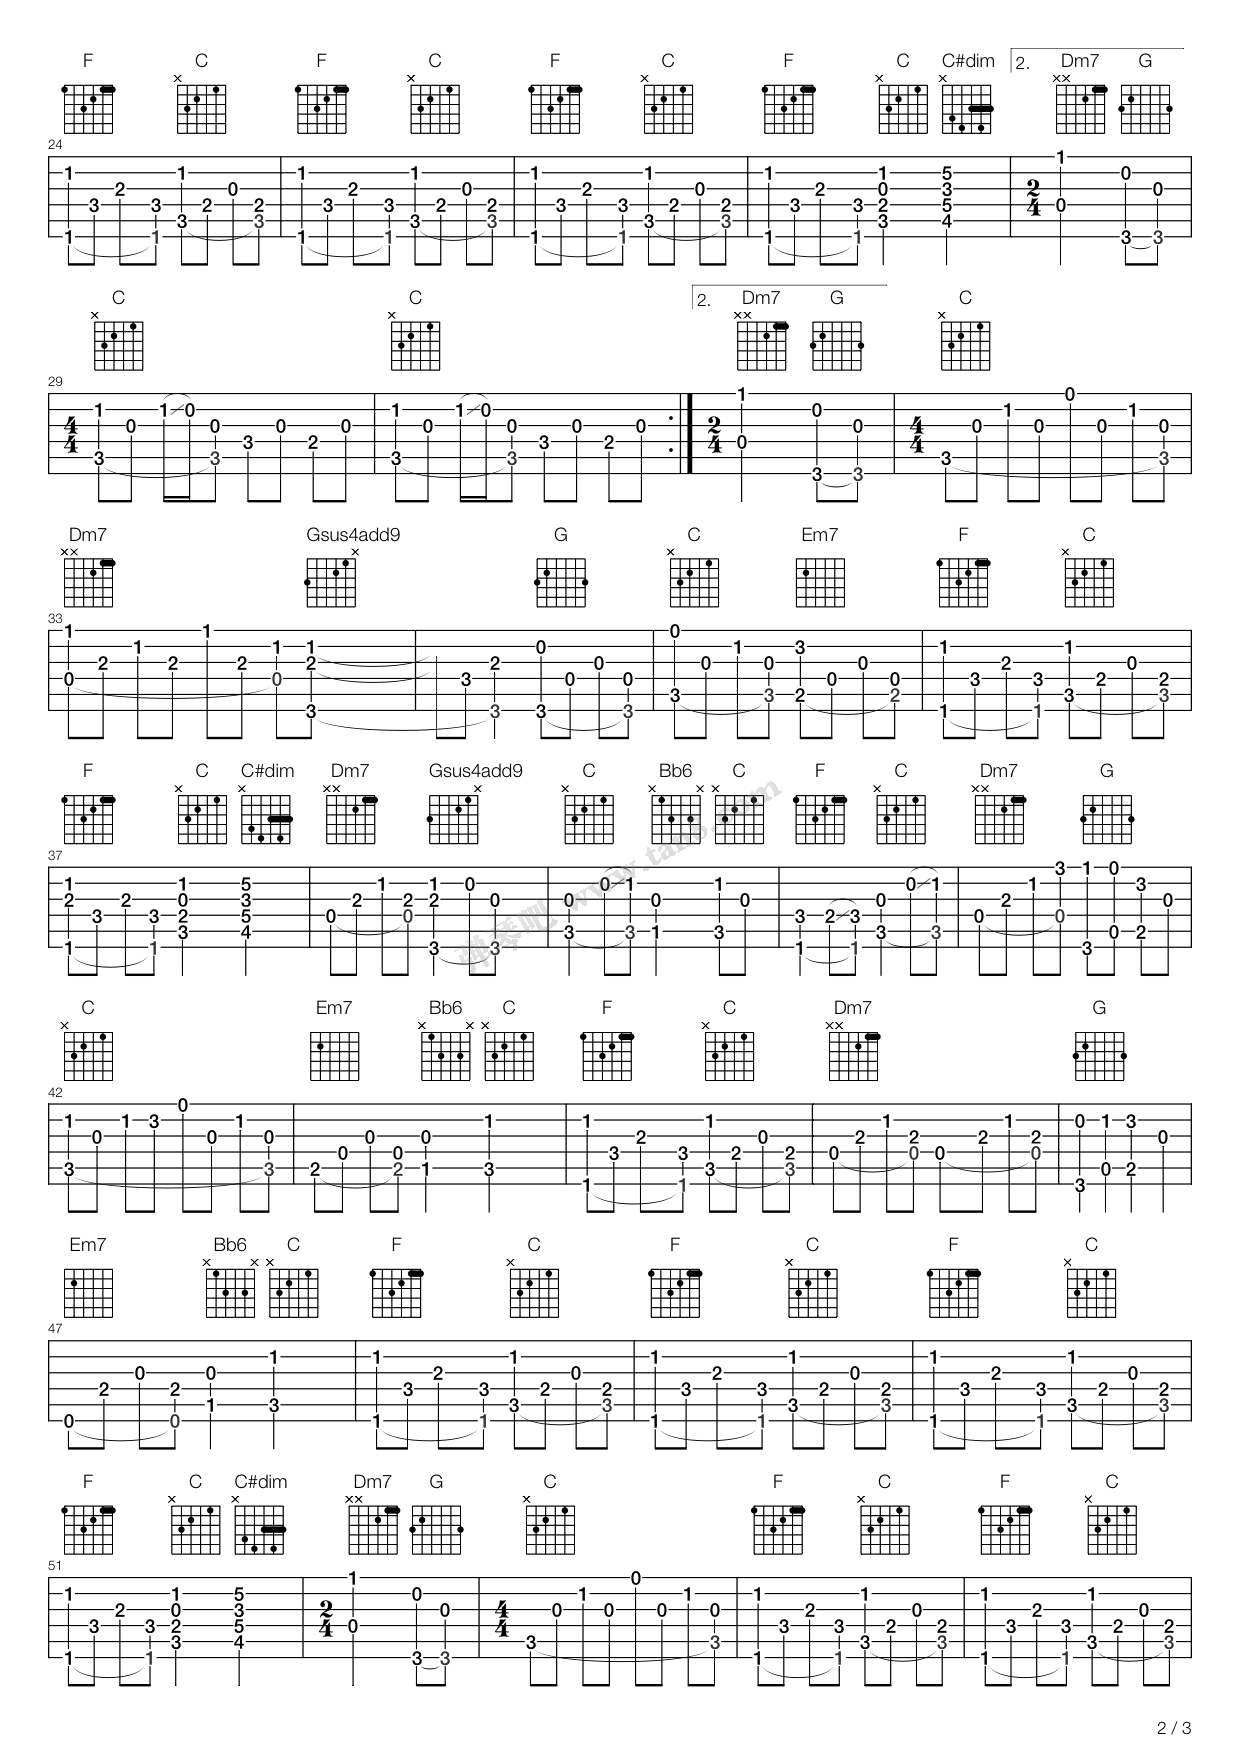 灼眼的夏娜txt_《涙そうそう(泪光闪闪)》吉他谱-C大调音乐网